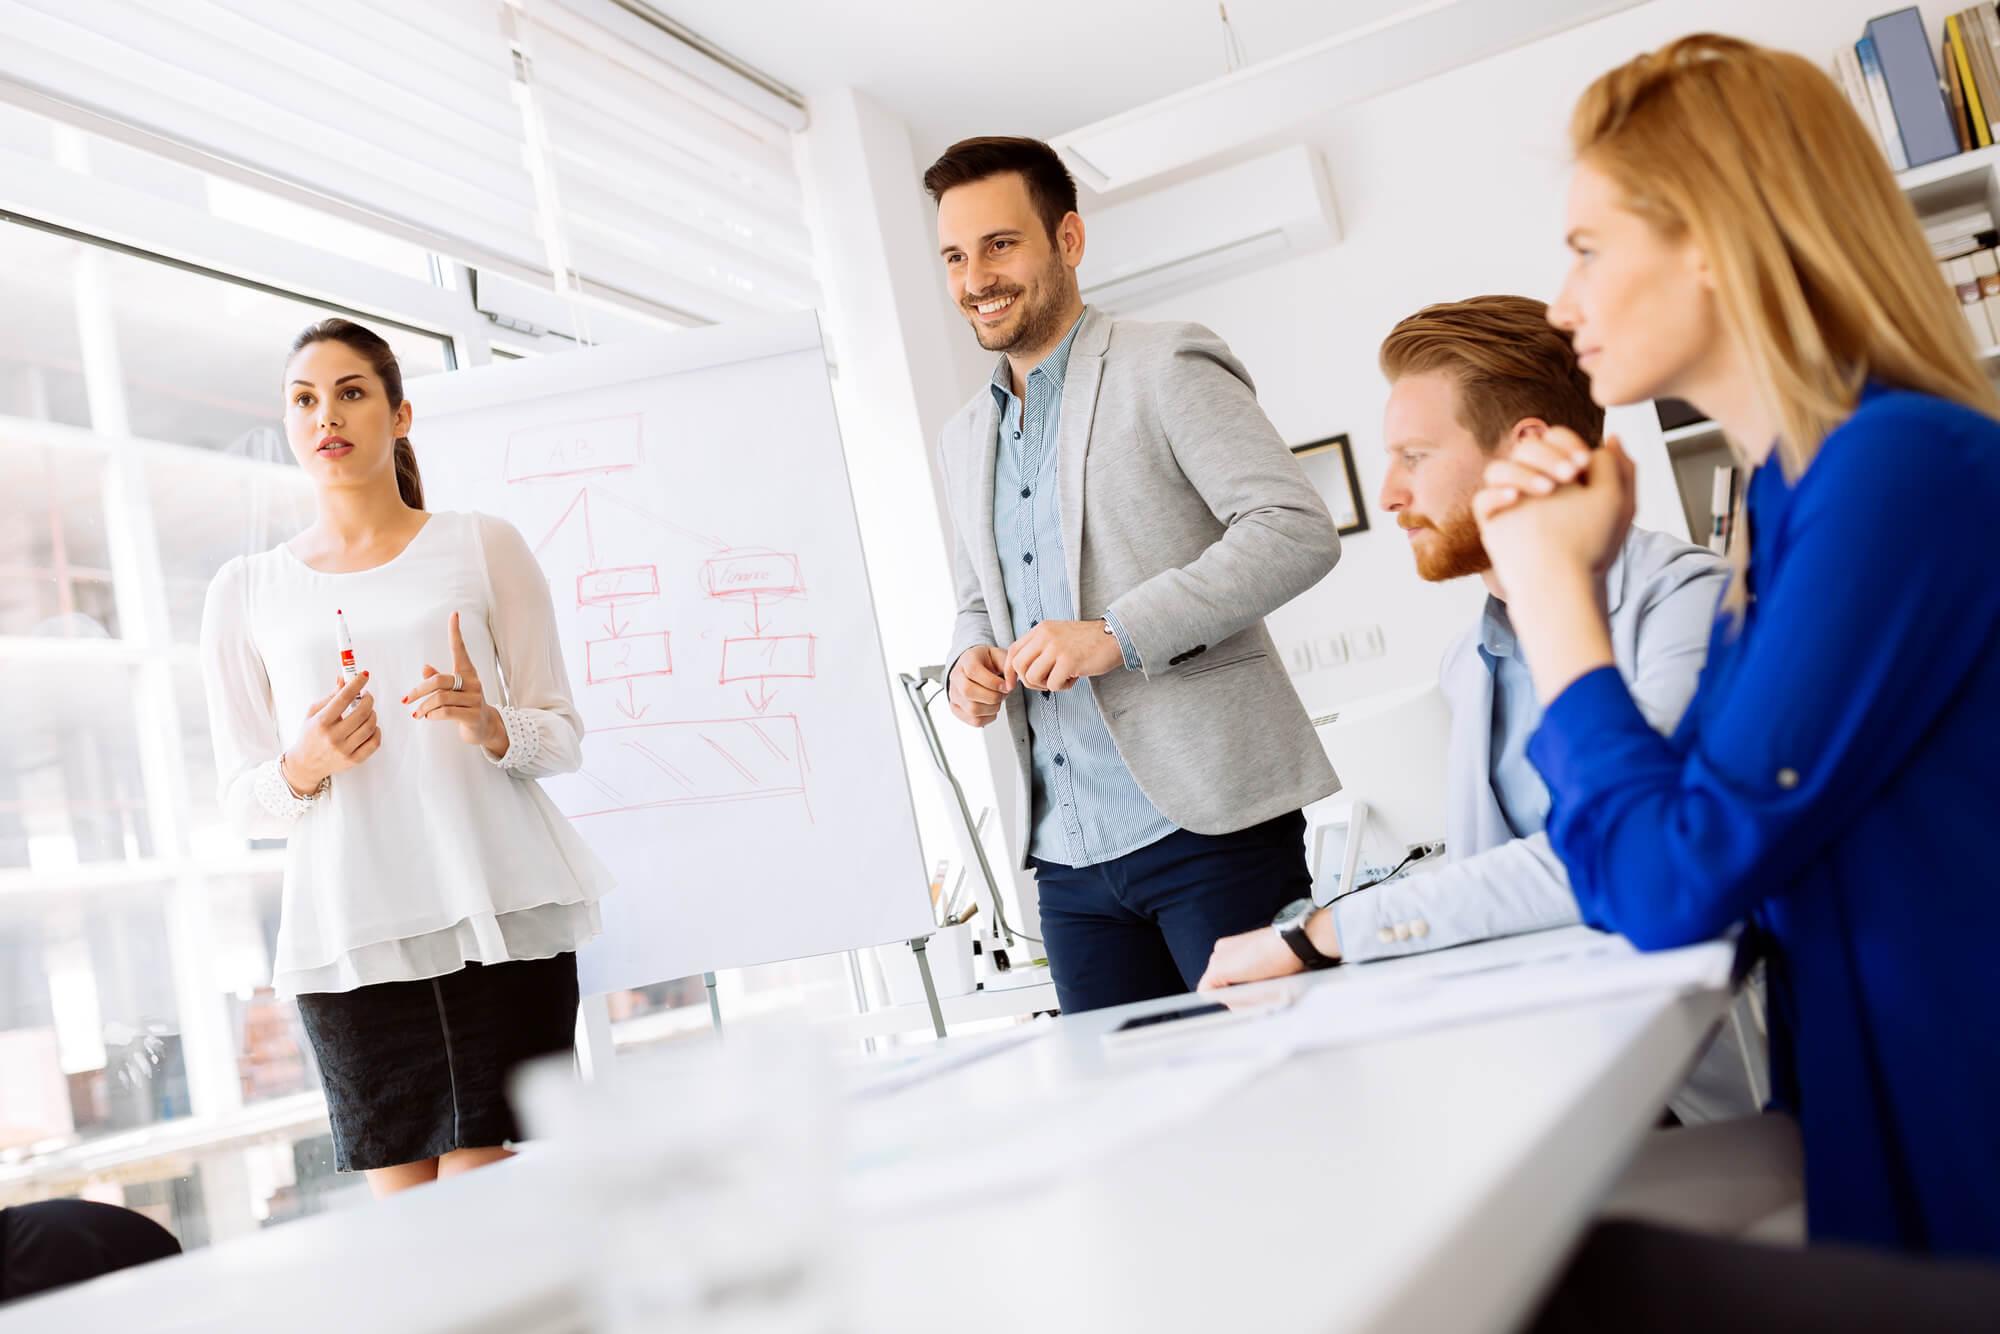 ef70a2e93 Guia completo sobre planejamento estratégico empresarial – Saffi